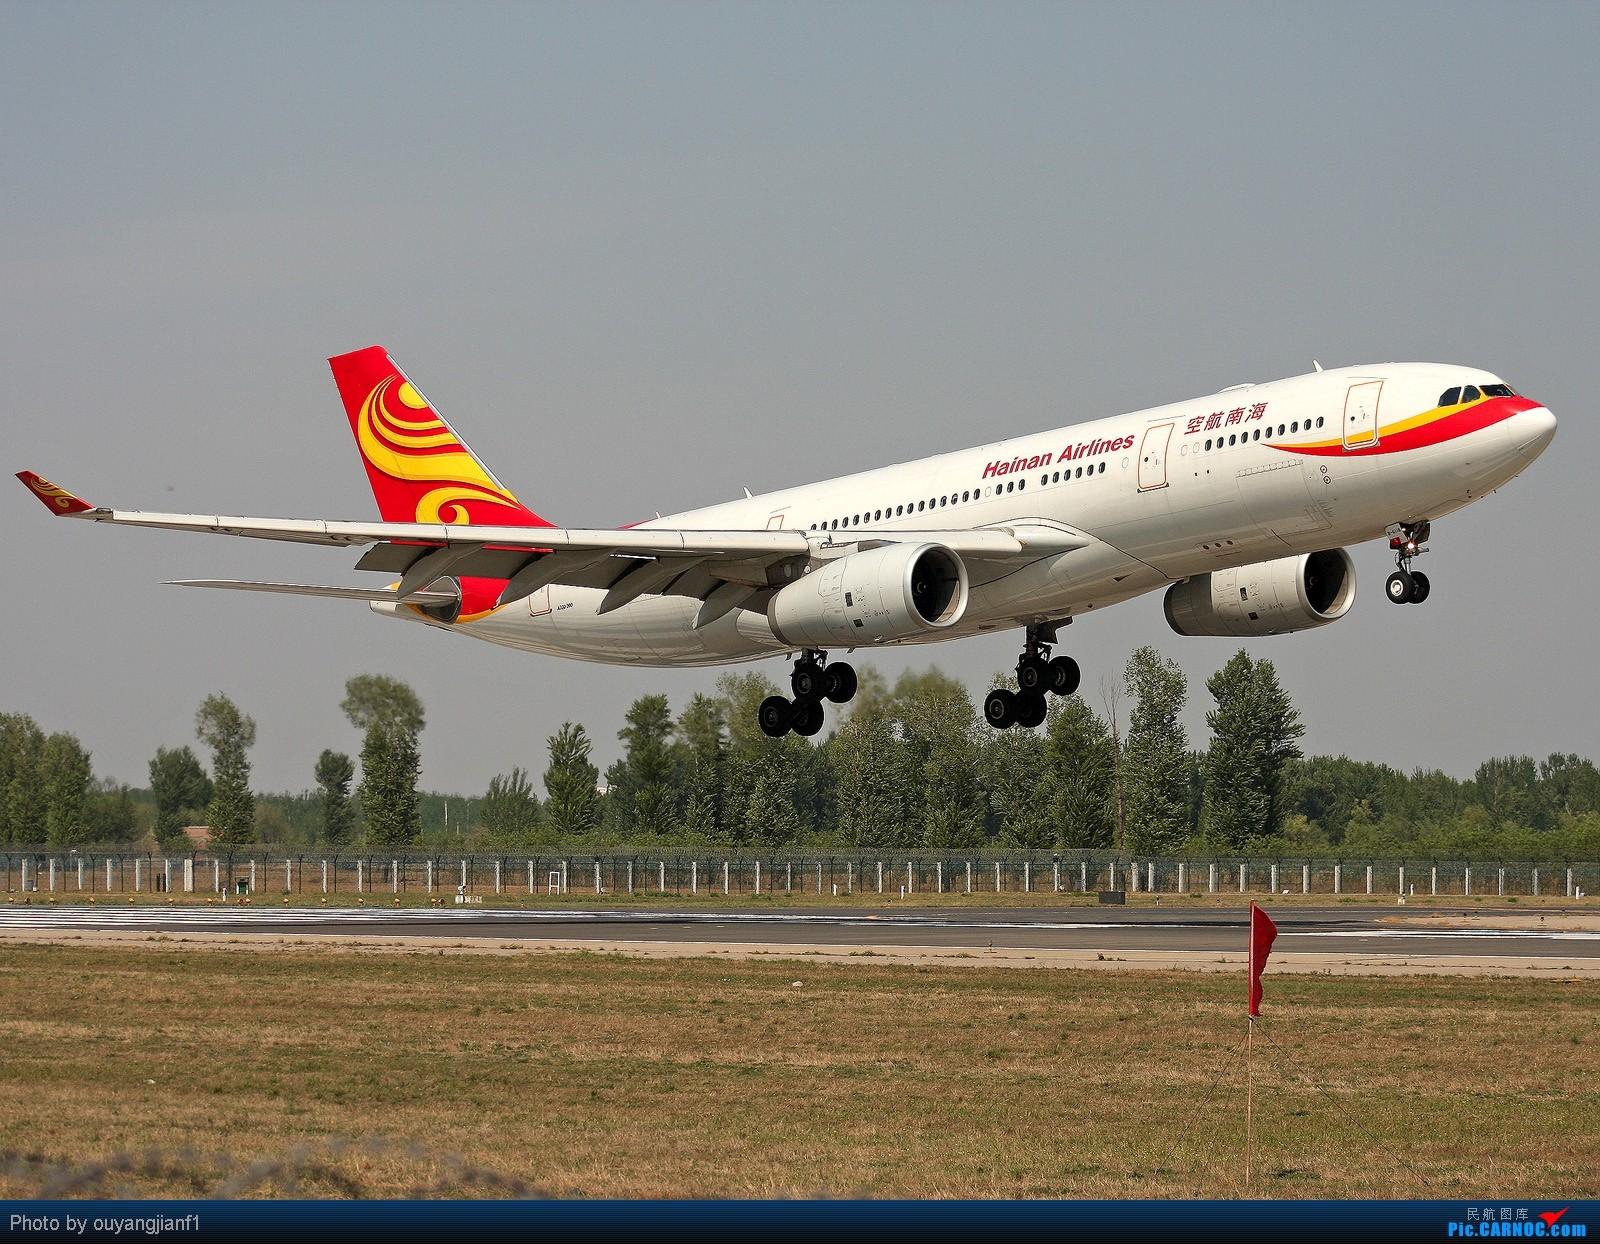 Re:[原创]快有一年没去西跑道了,拍机的感觉已逐渐淡忘,但是只要心中有梦,手中有单反,一切皆有可能! AIRBUS A330-200 B-6116 北京